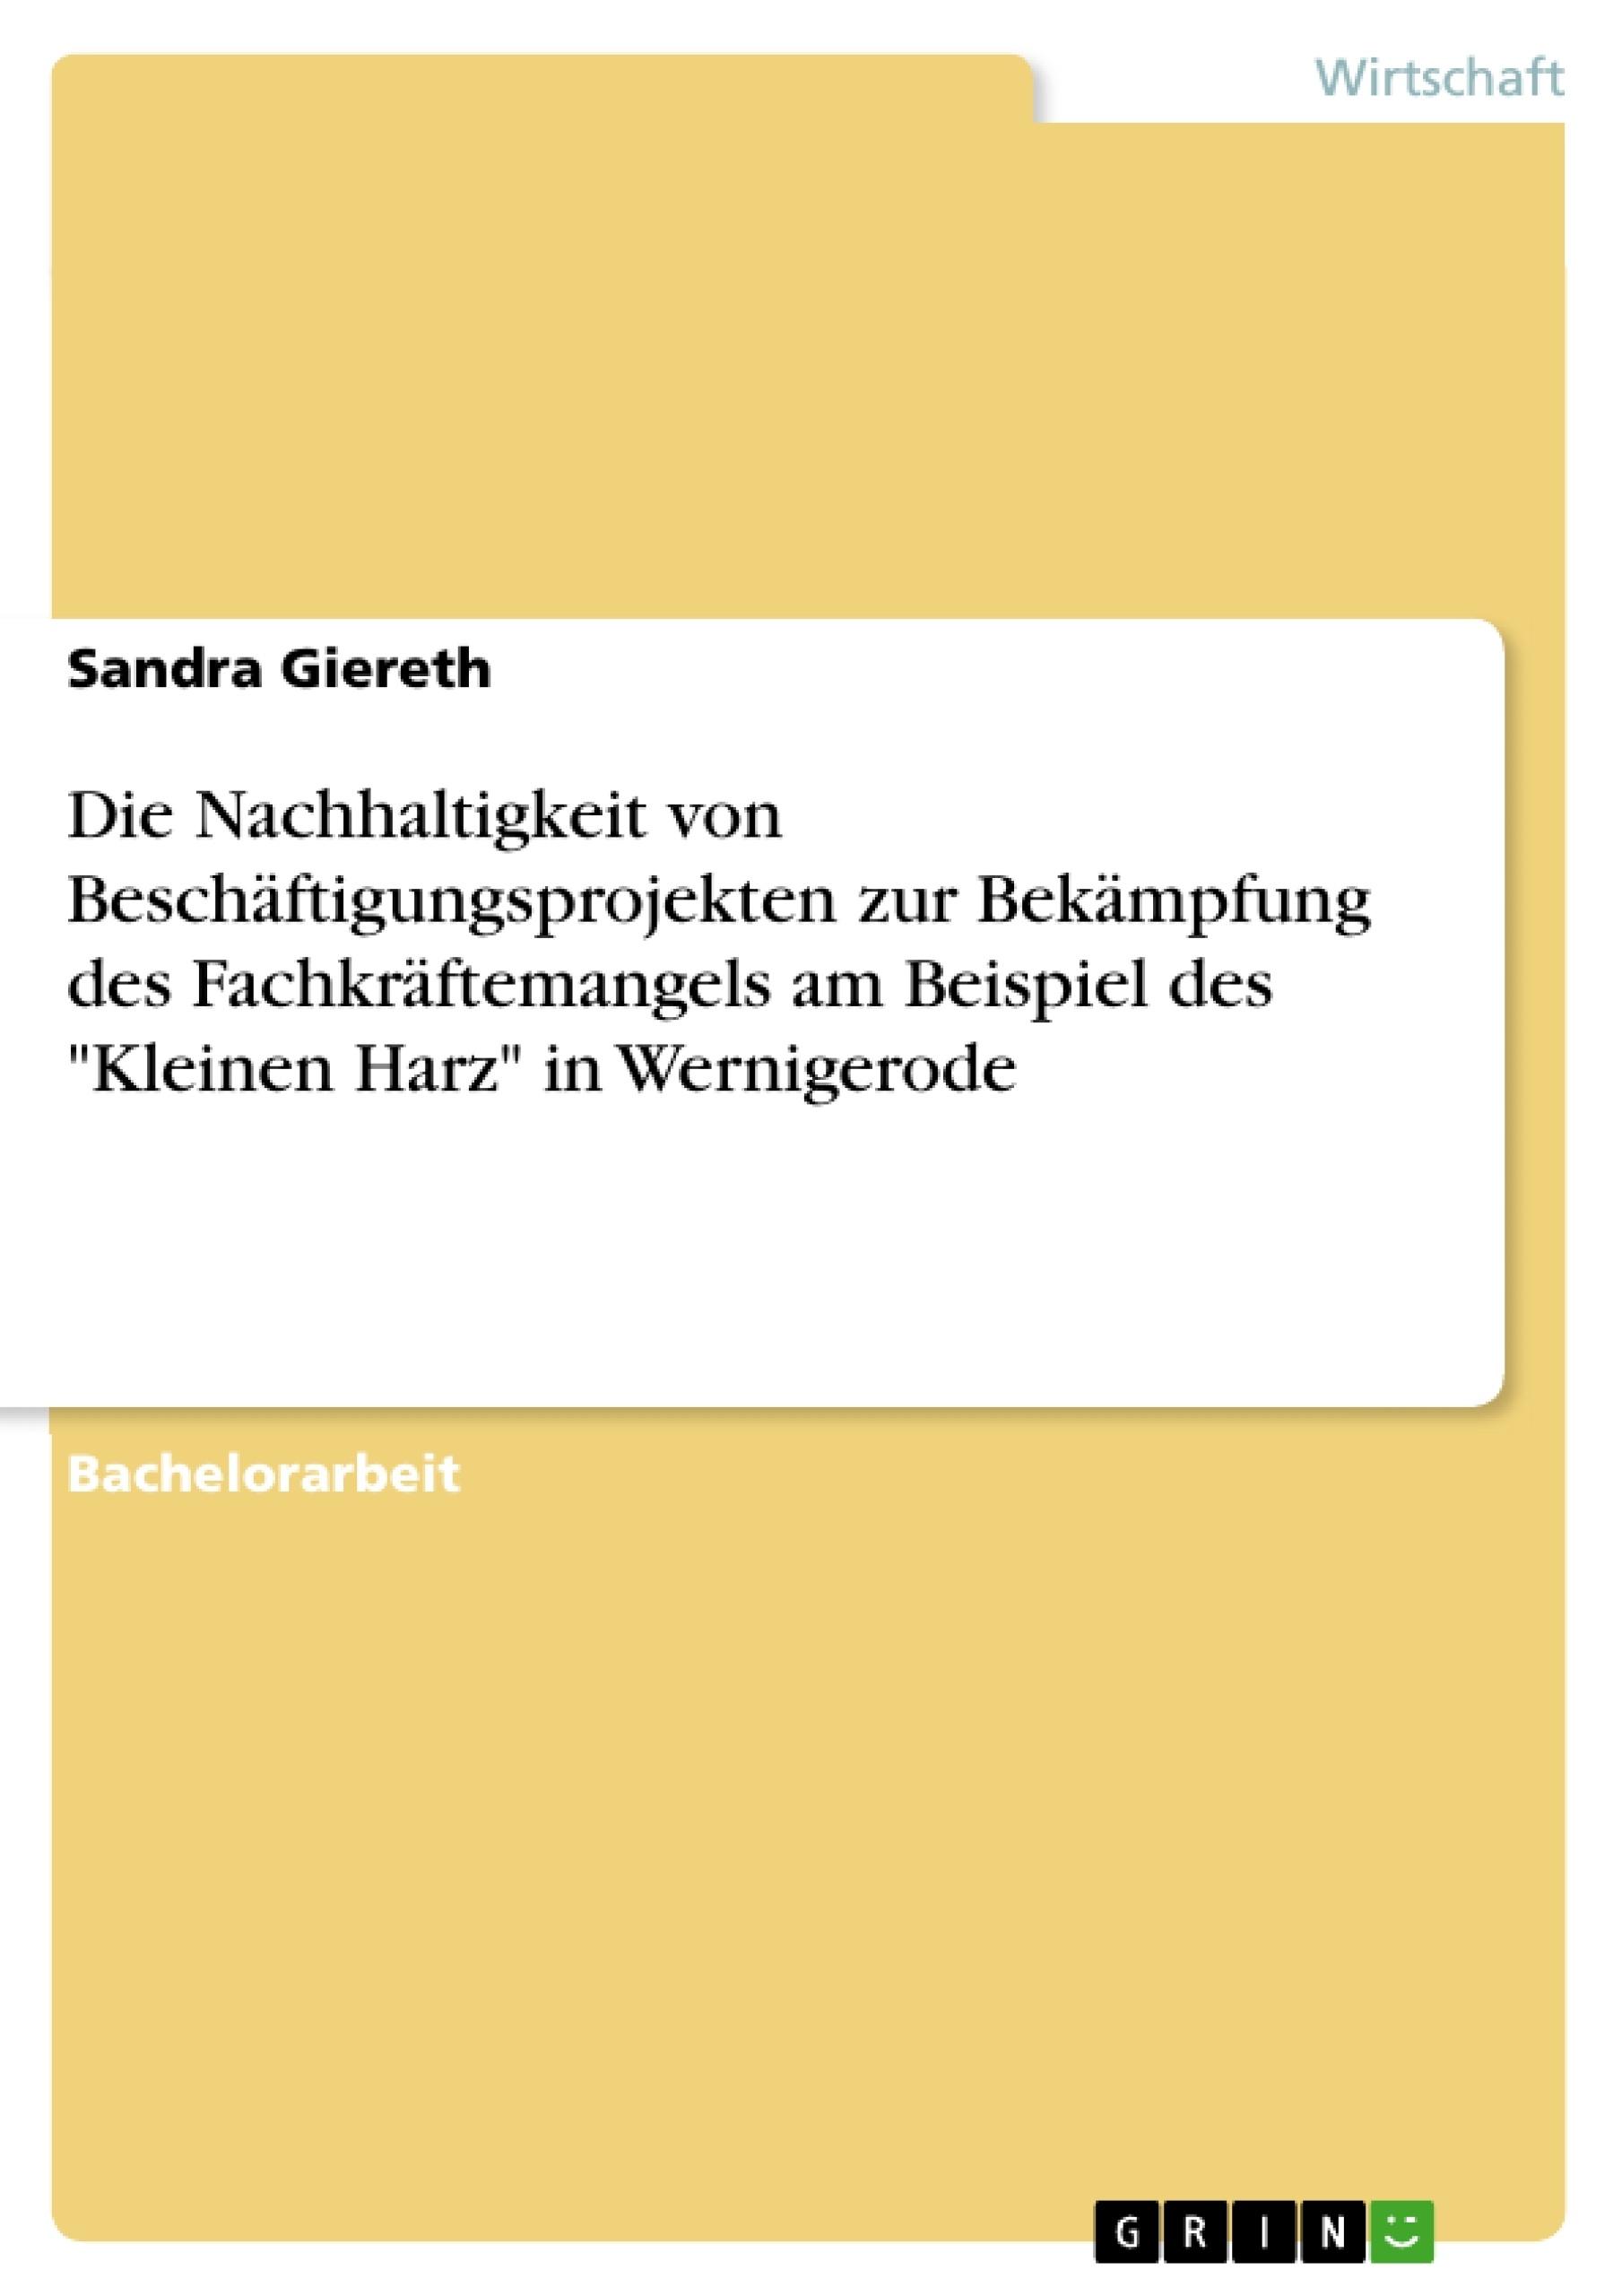 """Titel: Die Nachhaltigkeit von Beschäftigungsprojekten zur Bekämpfung des Fachkräftemangels am Beispiel des """"Kleinen Harz"""" in Wernigerode"""